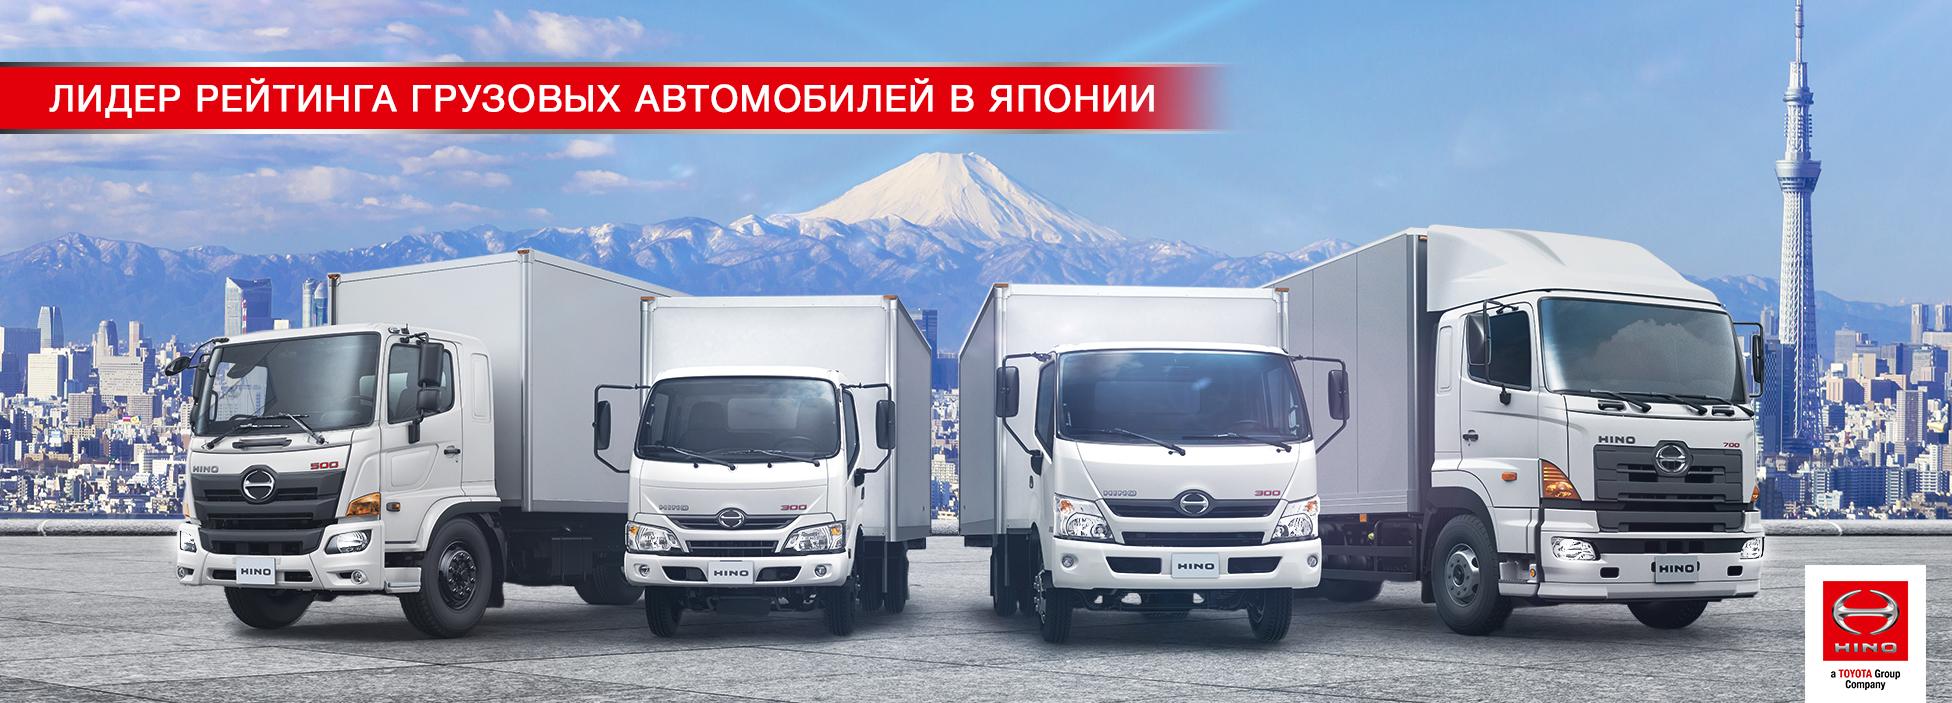 Компания Hino Motors лидирует в рейтинге грузовых автомобилей в Японии